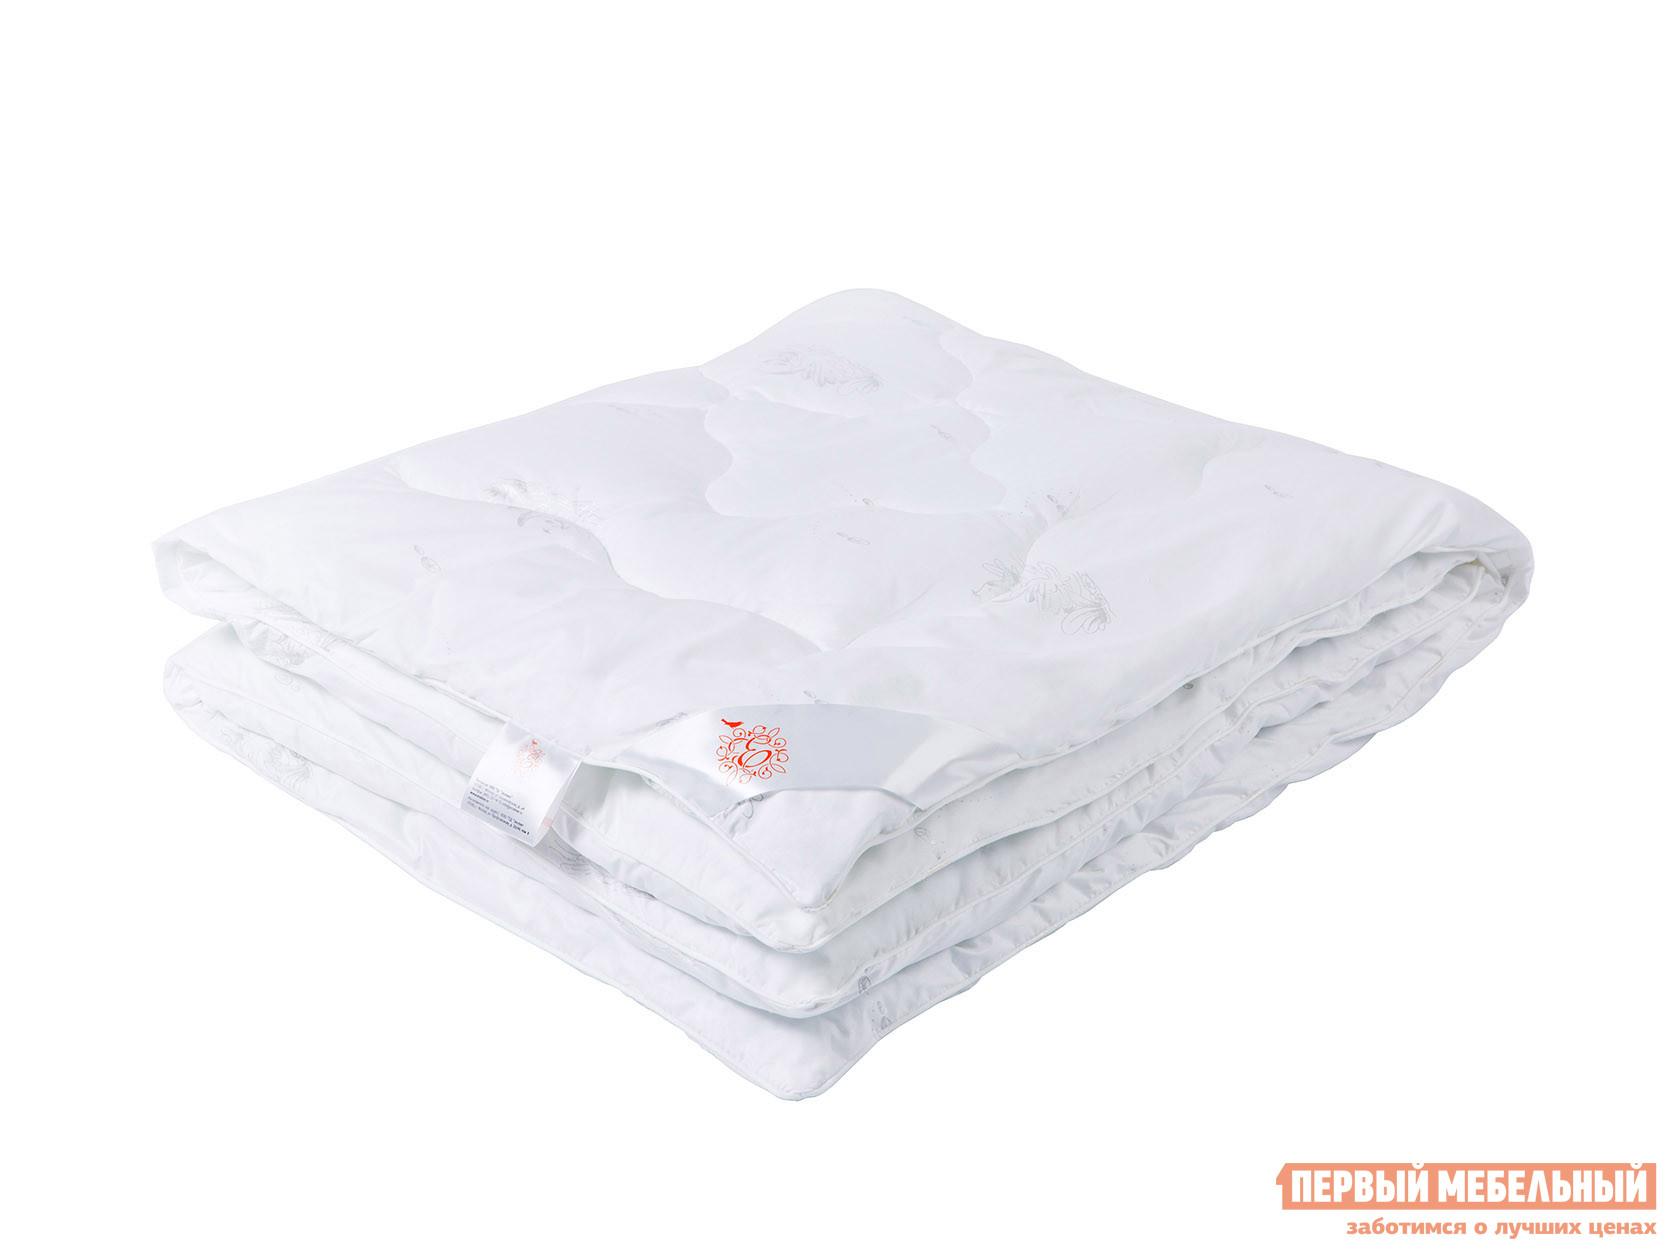 Детское одеяло Первый Мебельный Одеяло детское